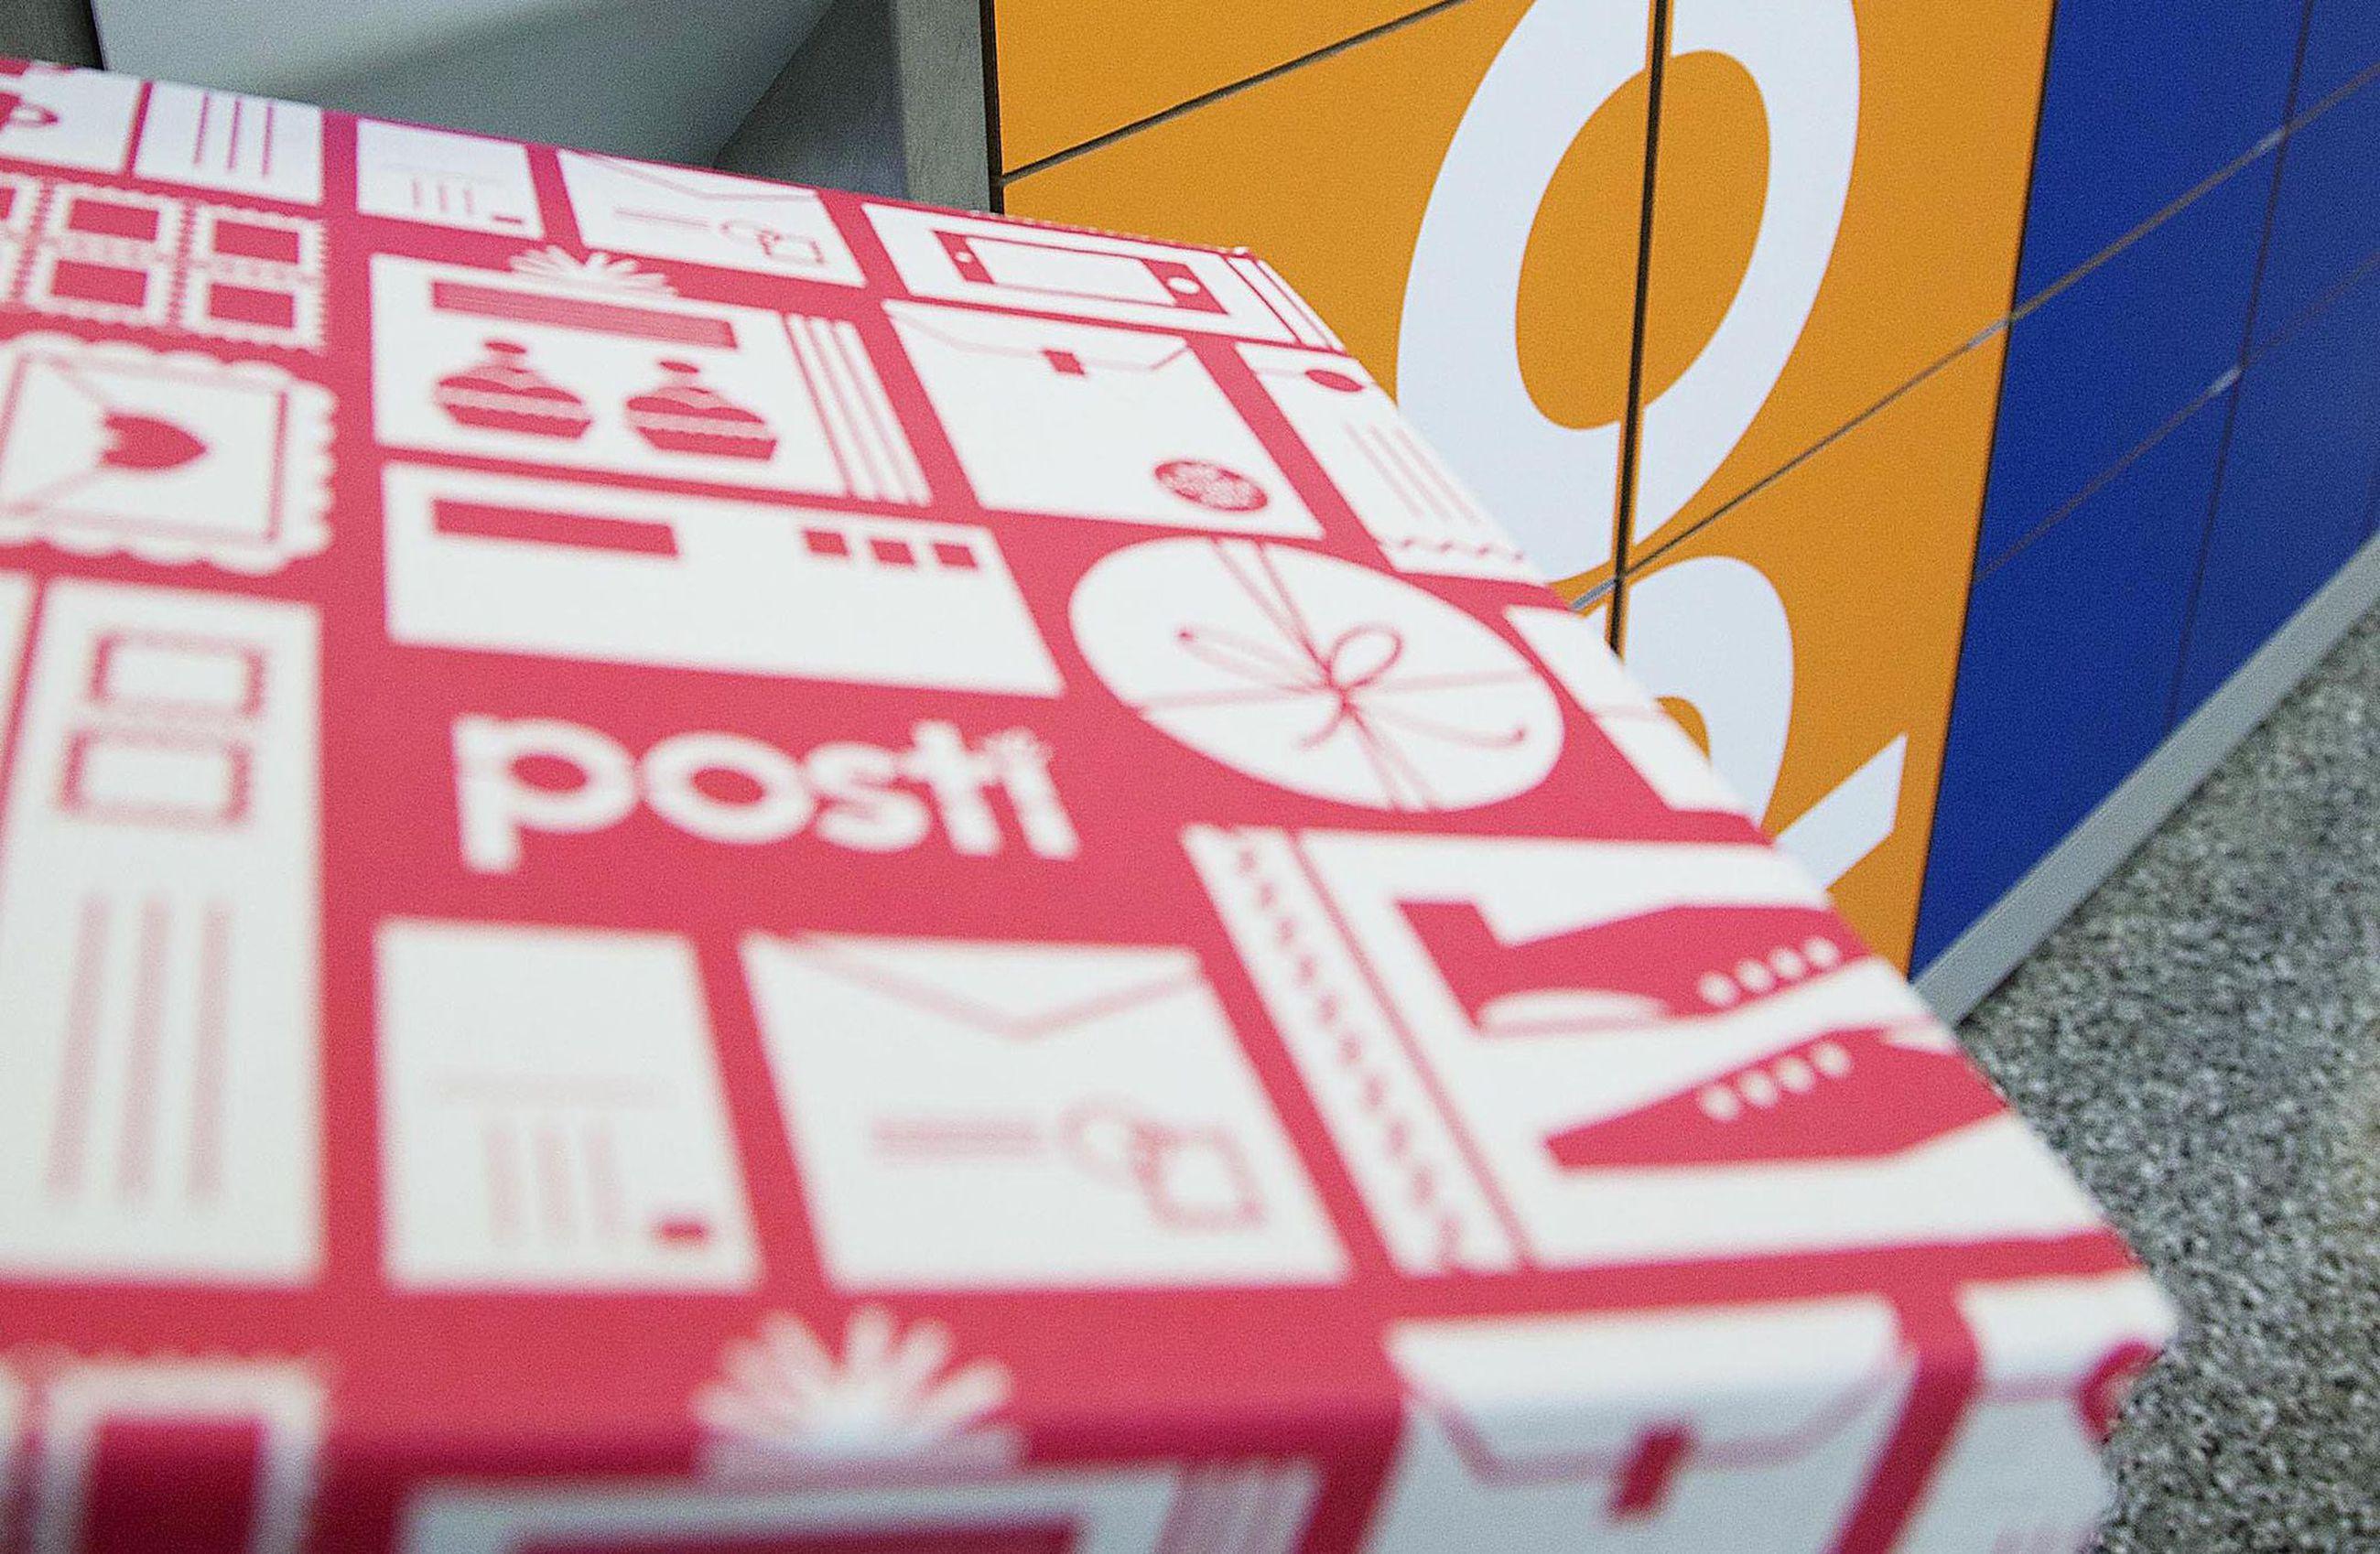 Posti S-Paketti